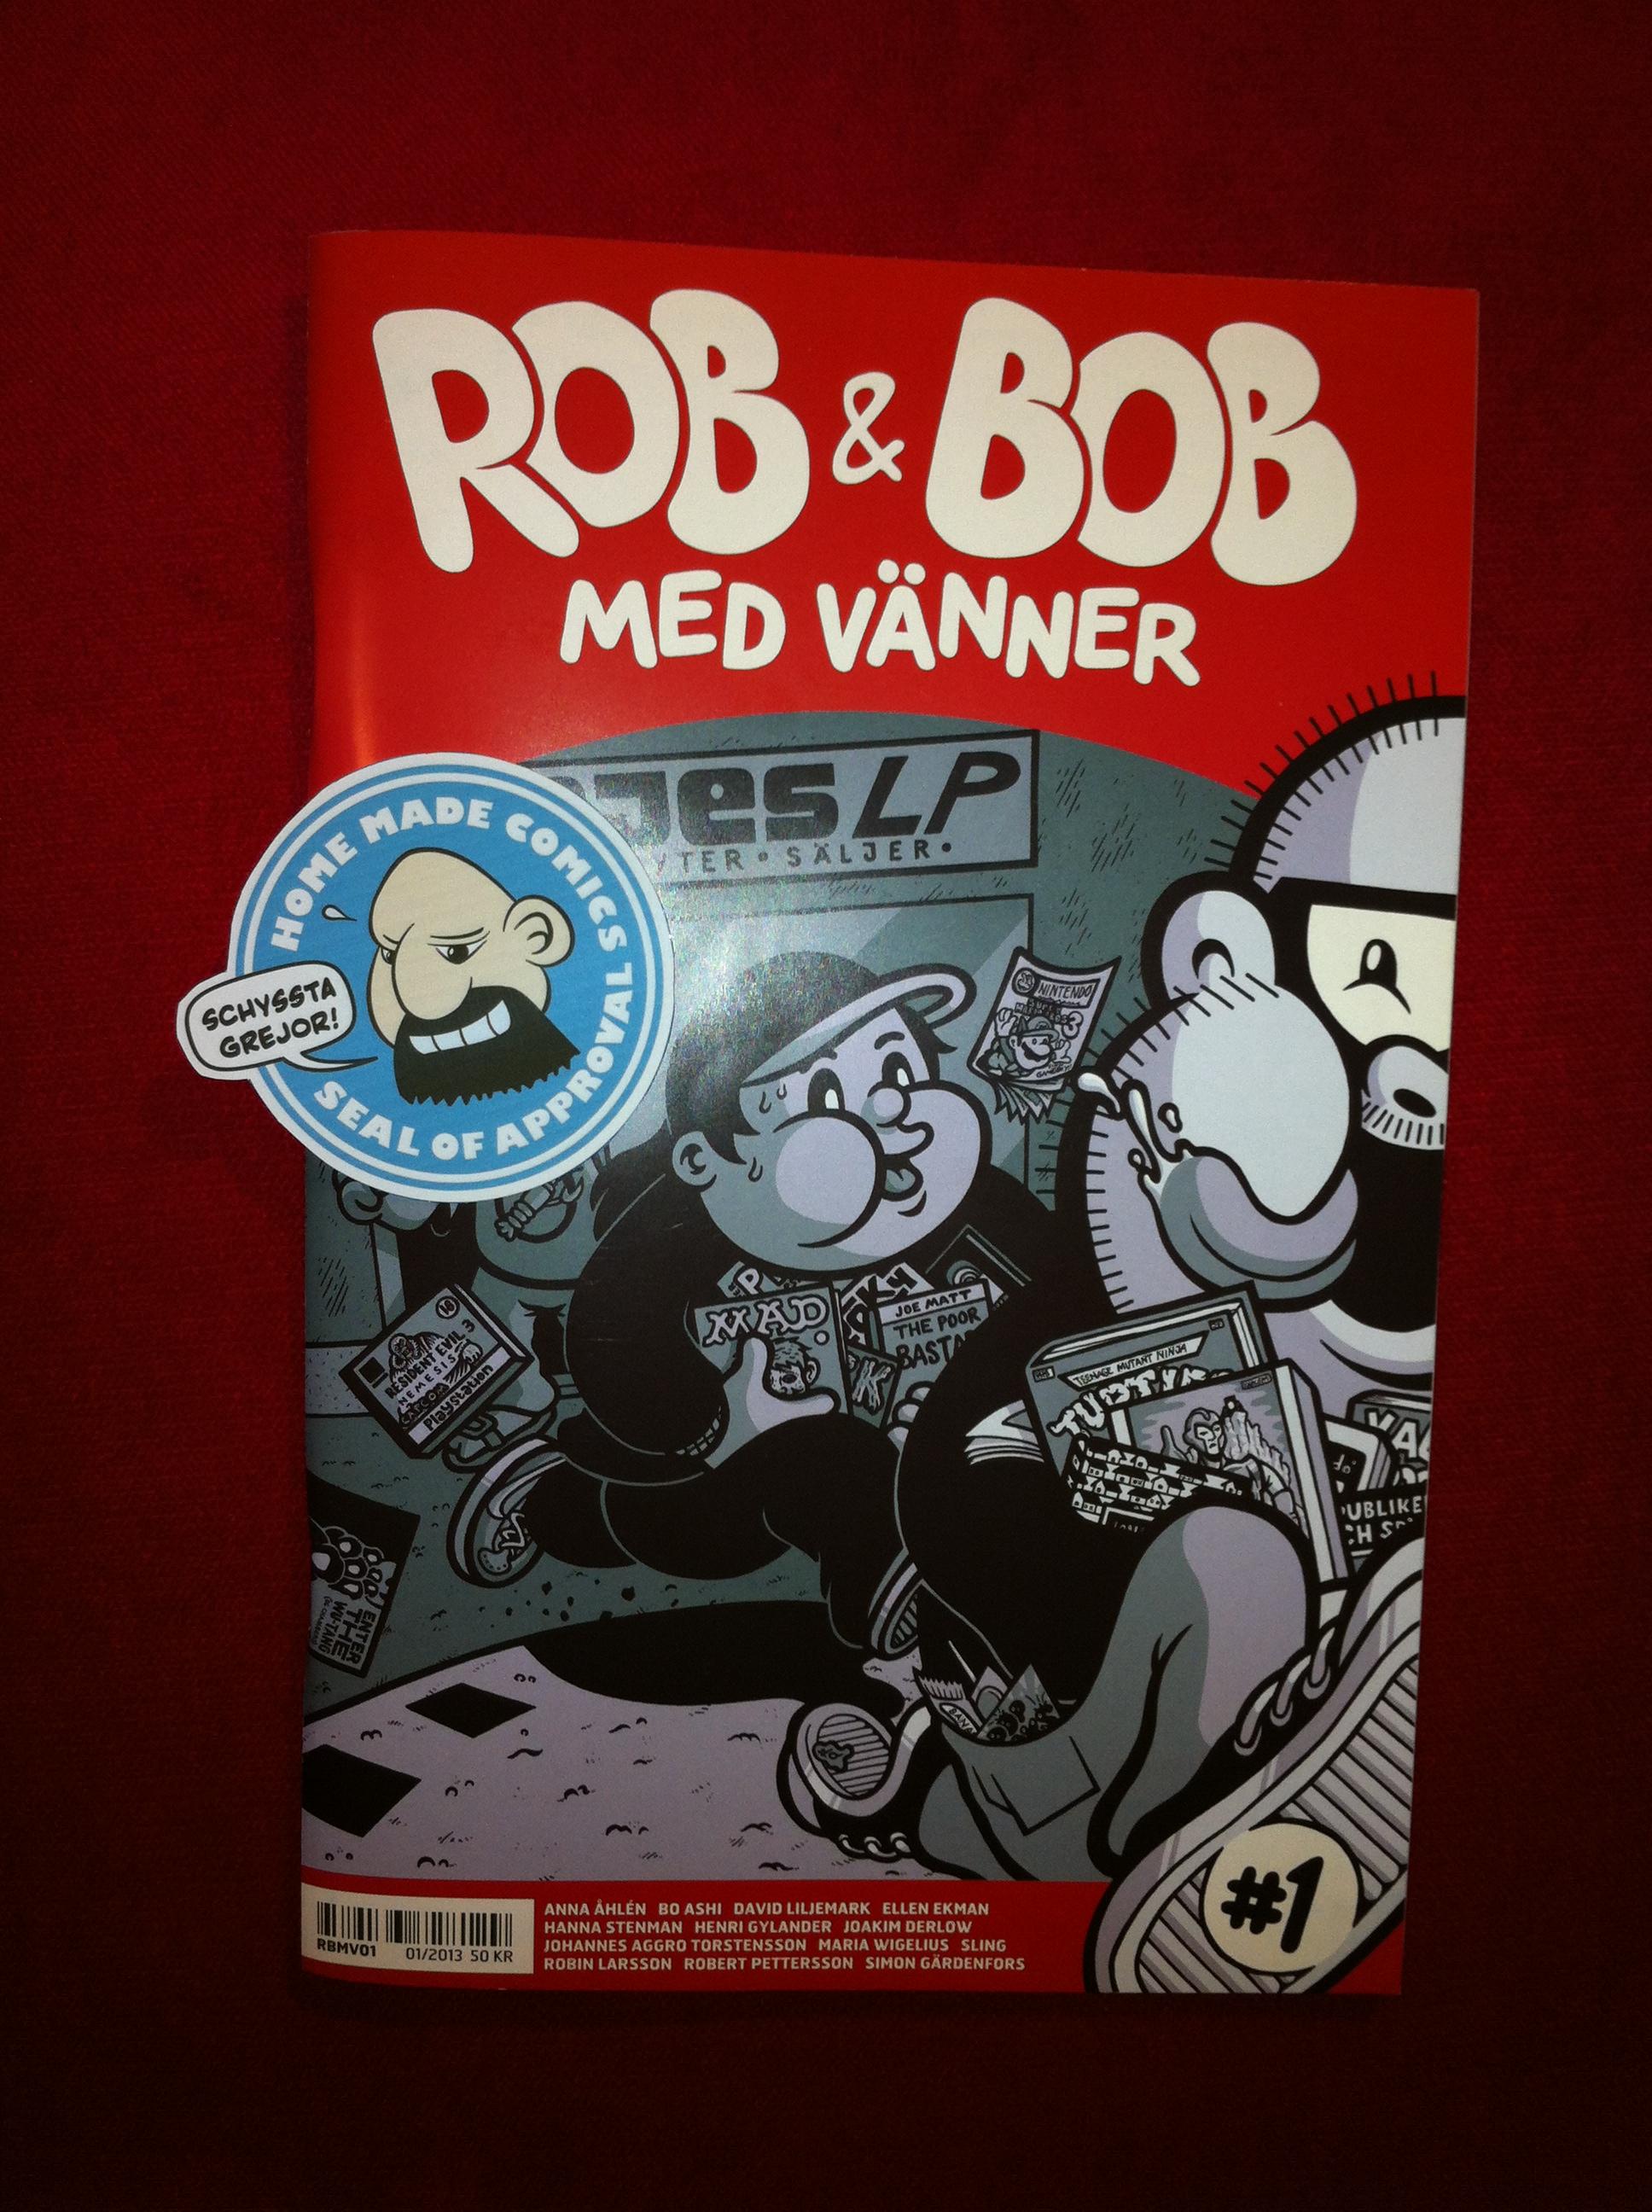 002 20130521 Rob & Bob med vänner #1.jpg